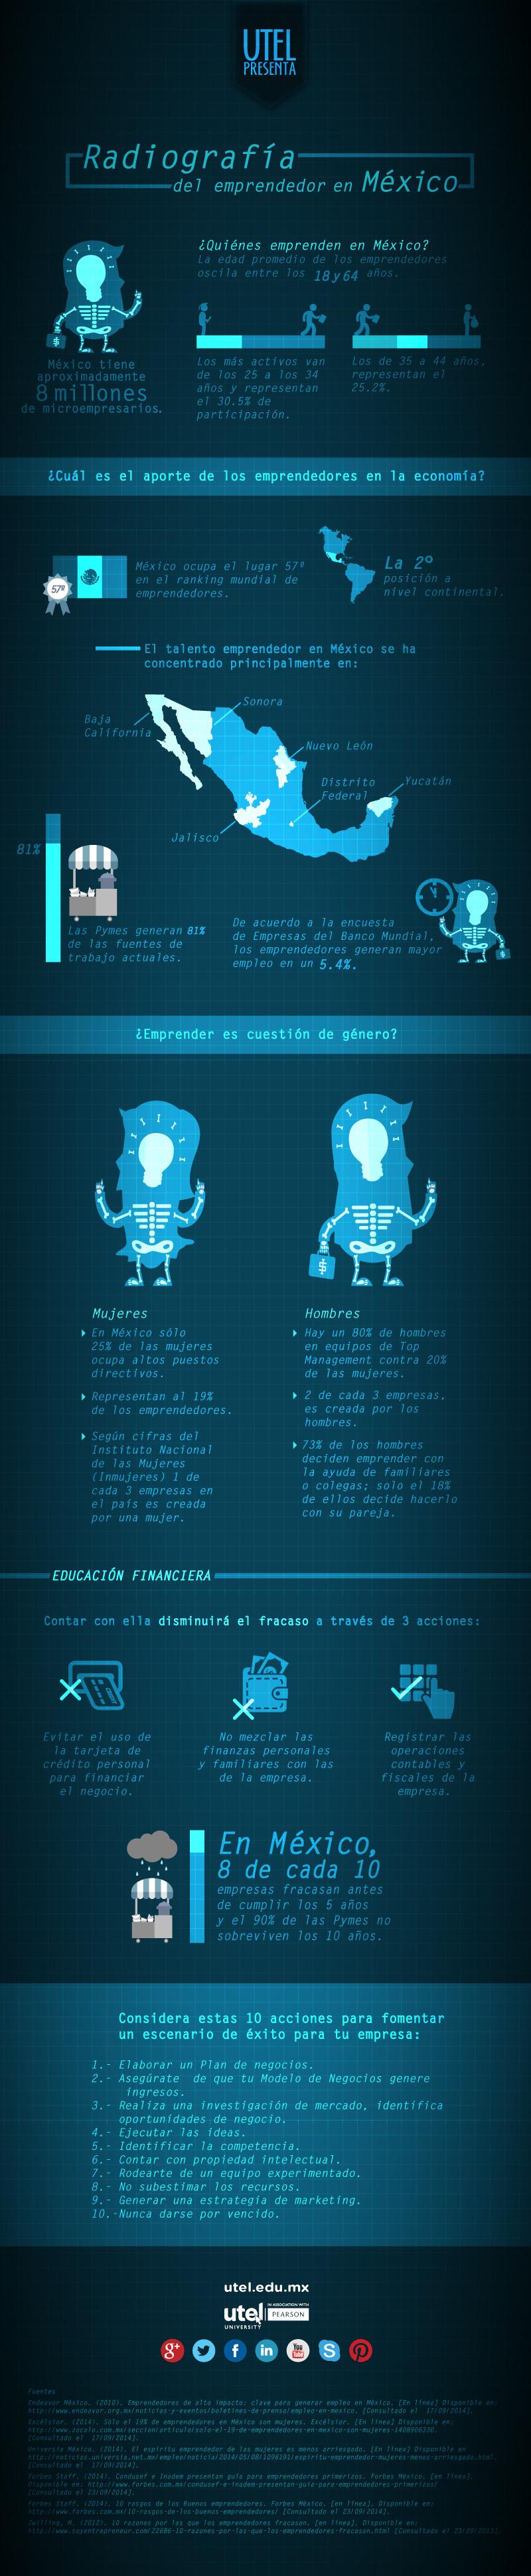 Radiografía del emprendedor en México